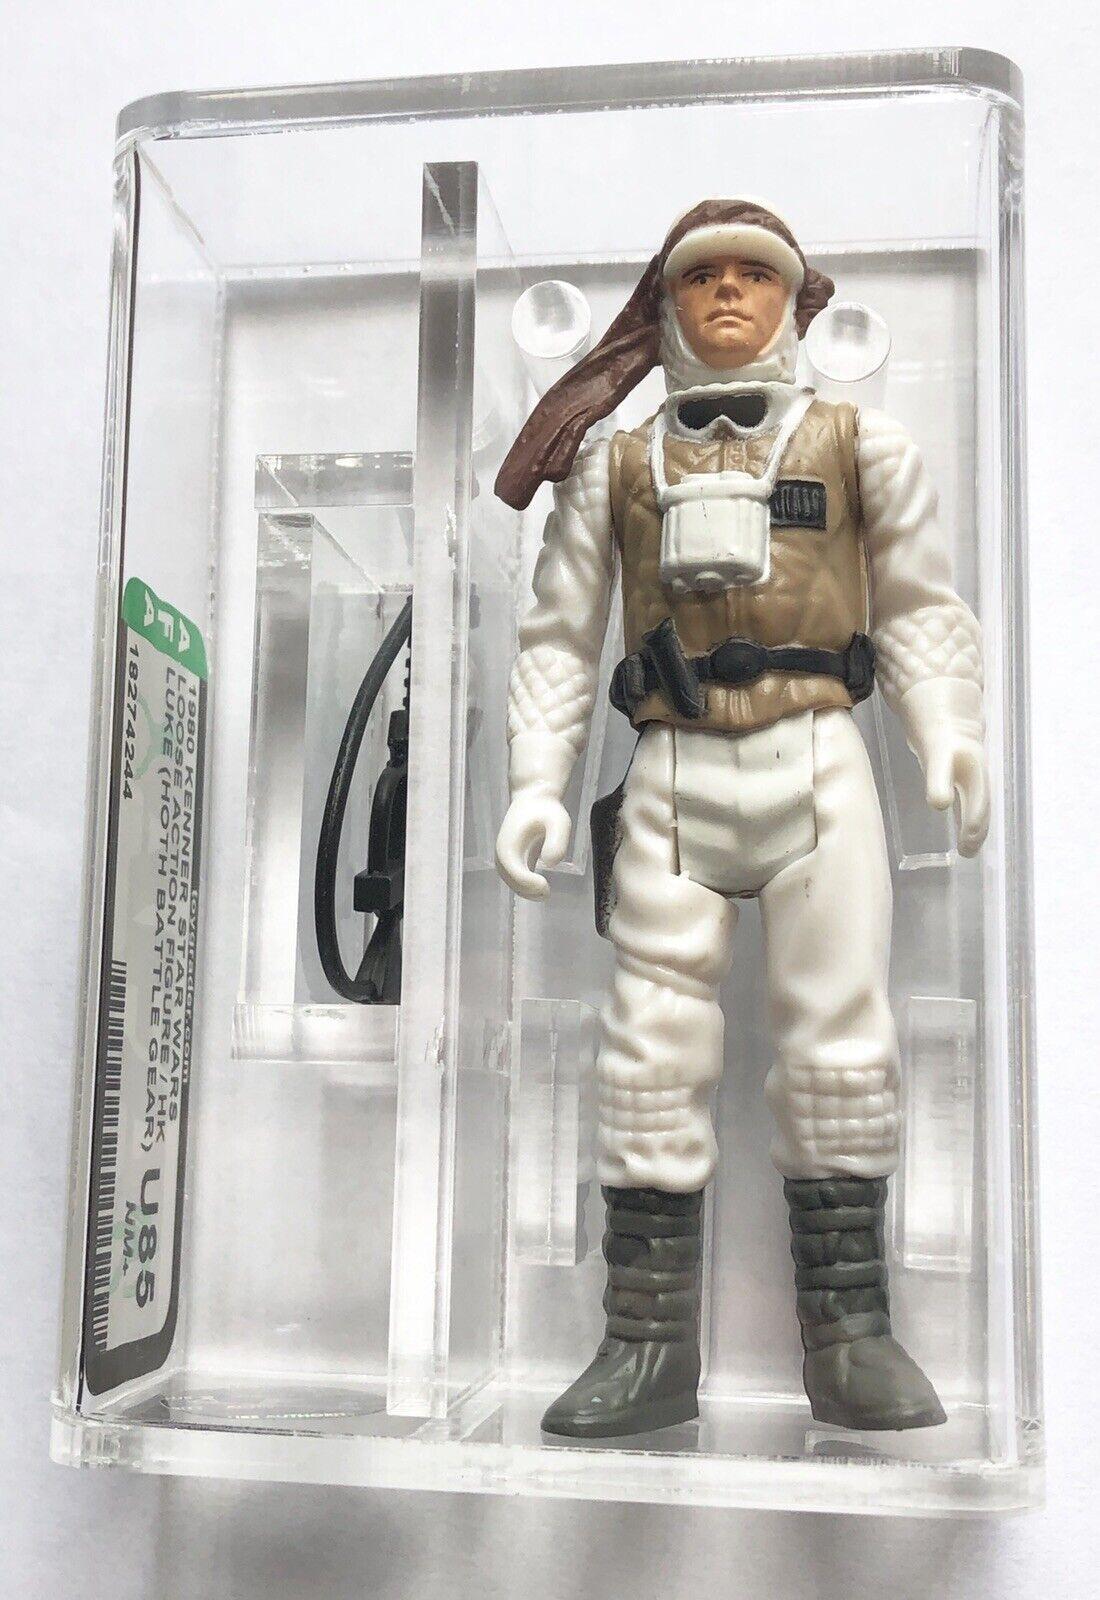 ¡envío gratis! Suelto Vintage Estrella Wars Esb Luke Hoth Hoth Hoth Battle Gear AFA U85 HK  nueva marca